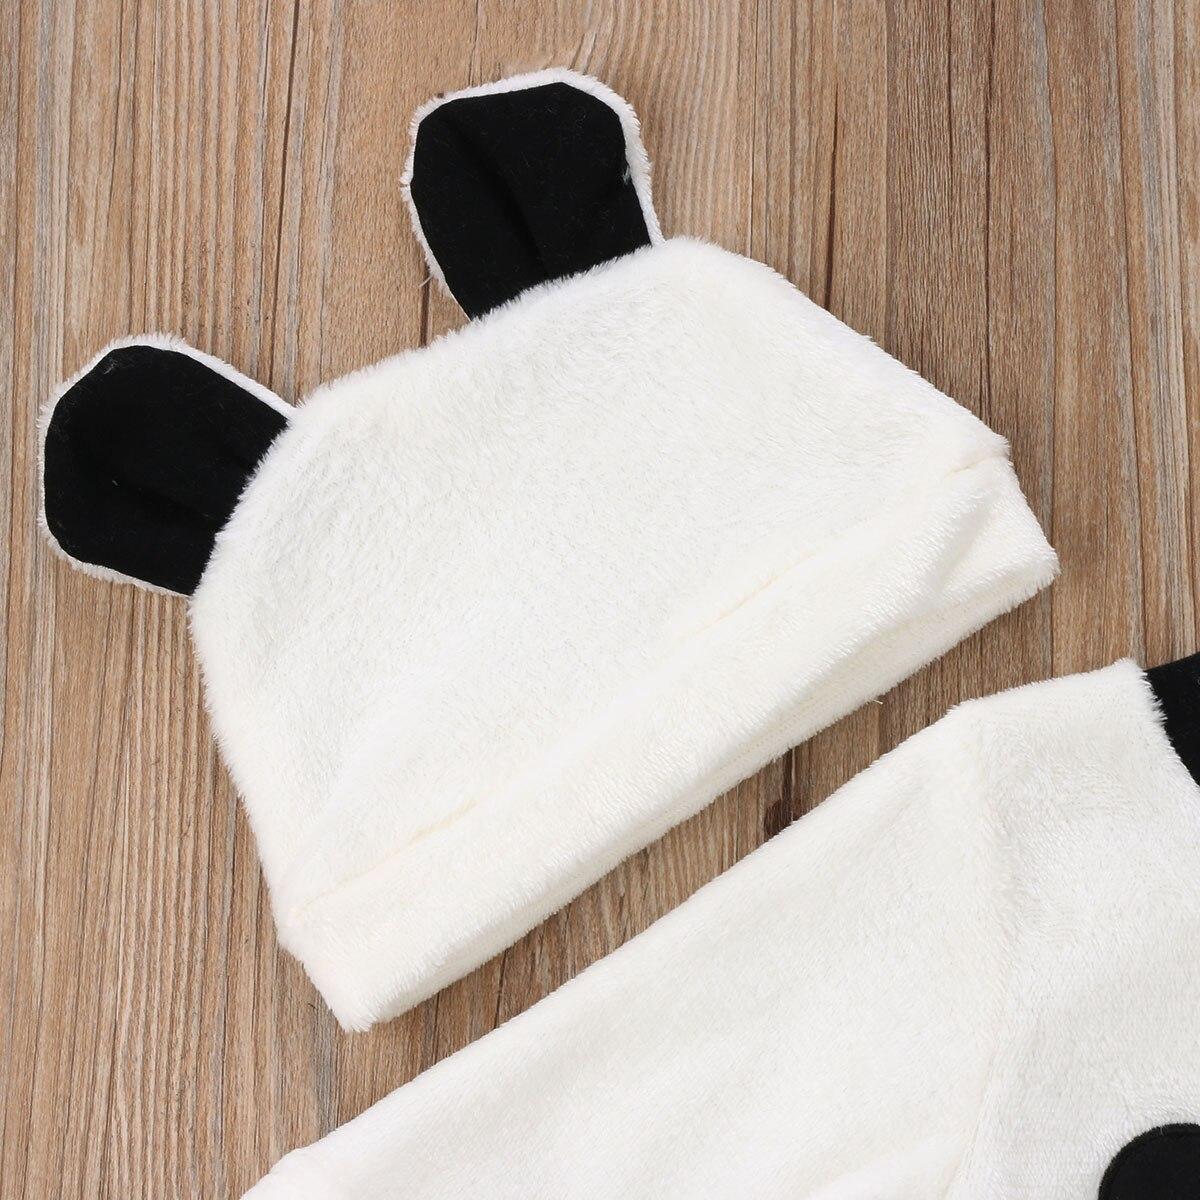 Mode Neugeborenes Mädchen Jungen Langarm Tops Hosen Outfits Reihe Flauschige Warme Kleidung